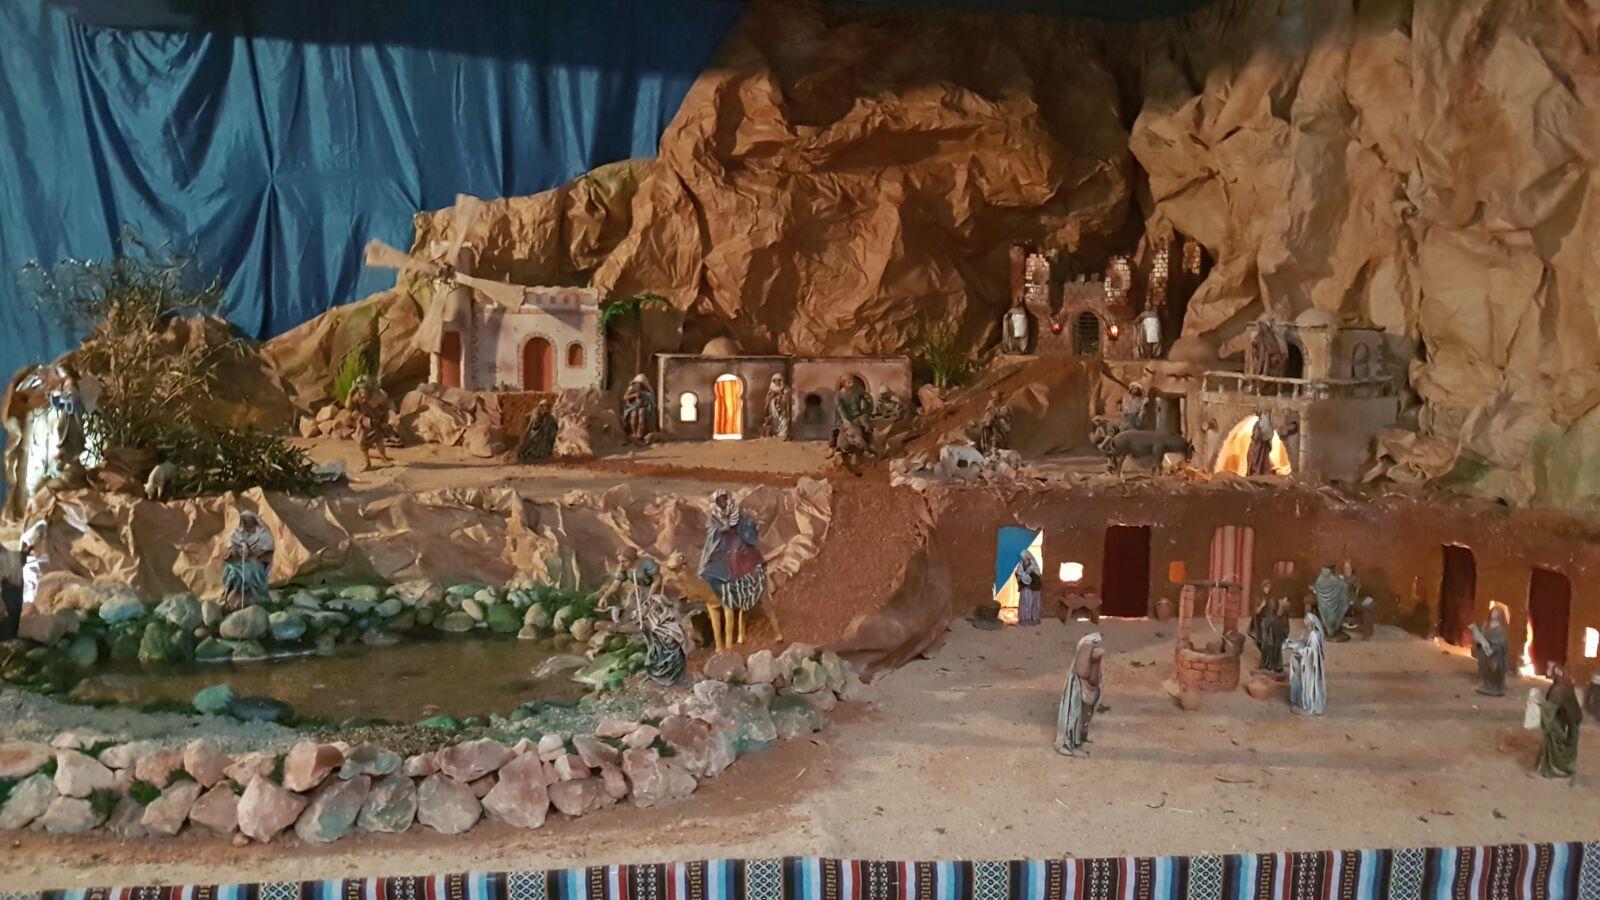 29ae51c6f34 El Ayuntamiento de Roquetas convoca el tradicional concurso de belenes